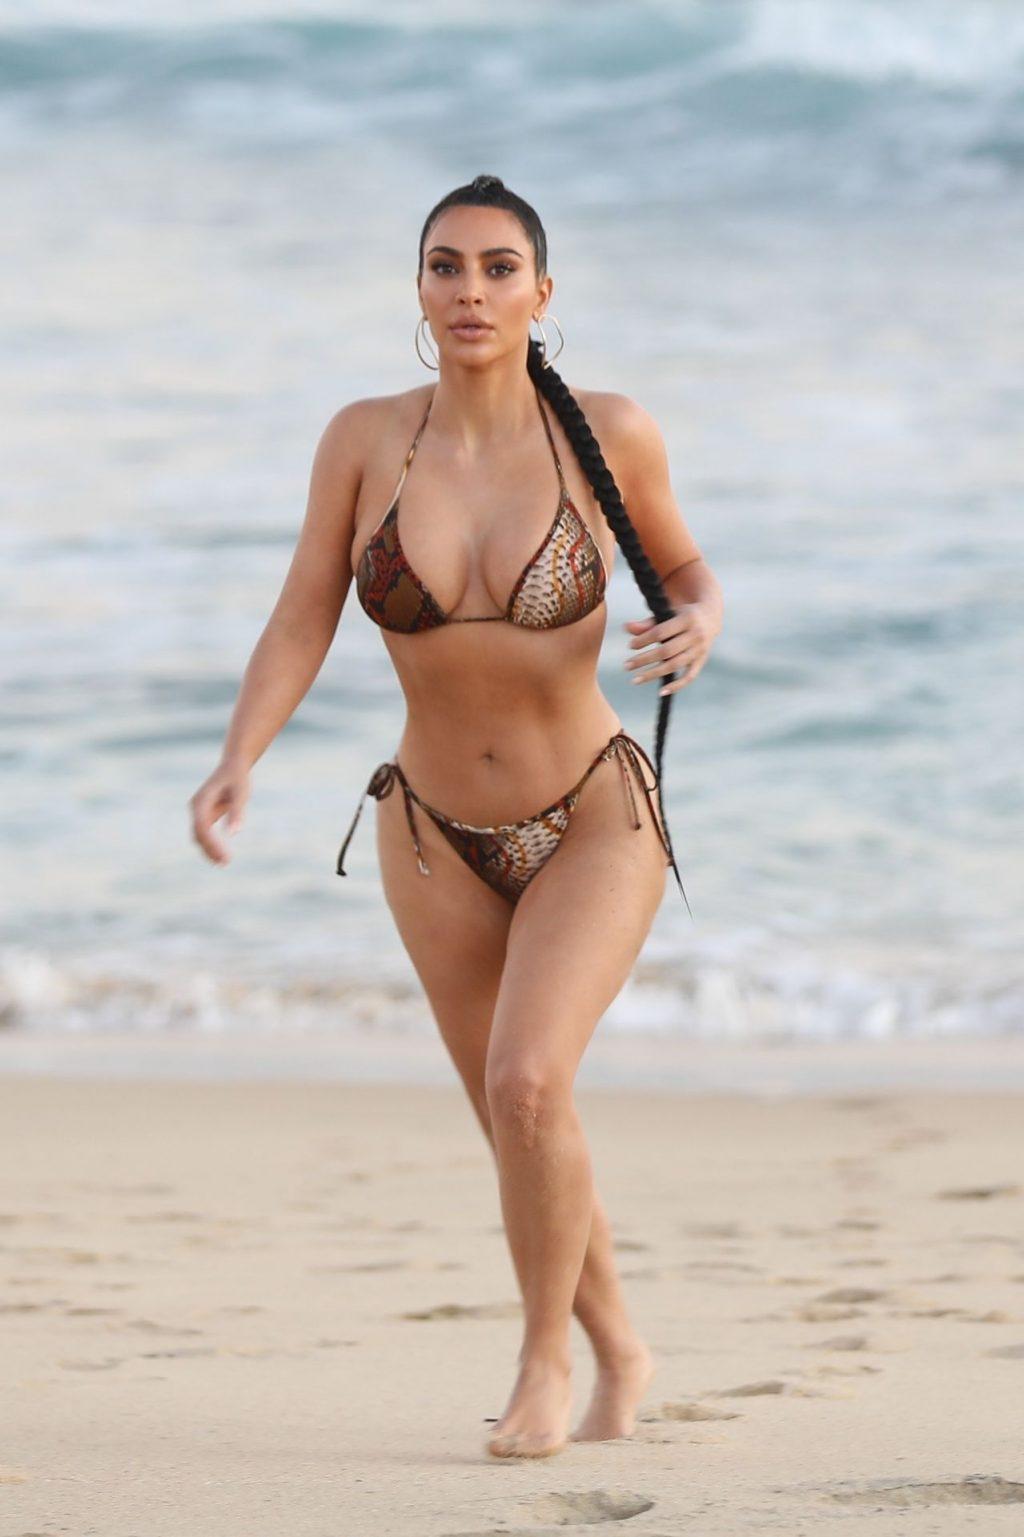 Kim Kardashian Poses in a Sexy Bikini on the Beach in Malibu (20 Photos)